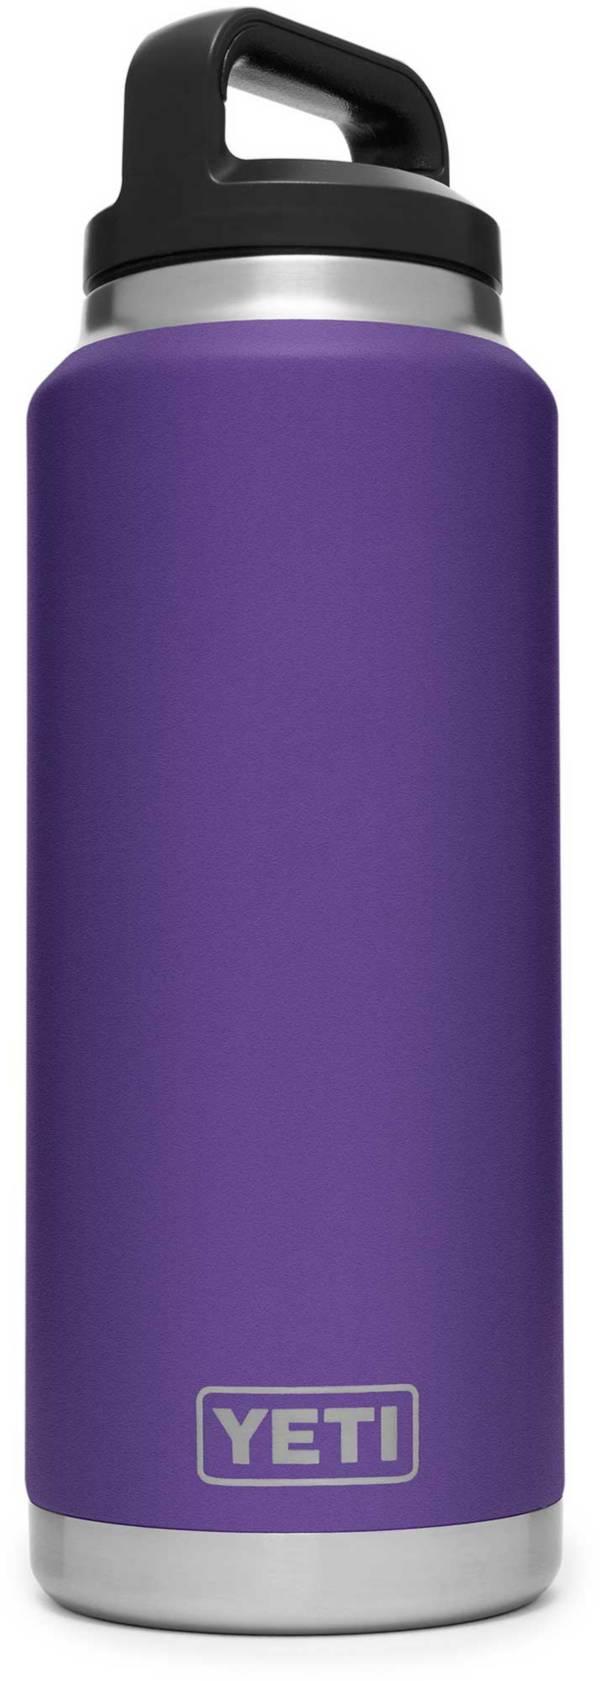 YETI 36 oz. Rambler Bottle product image